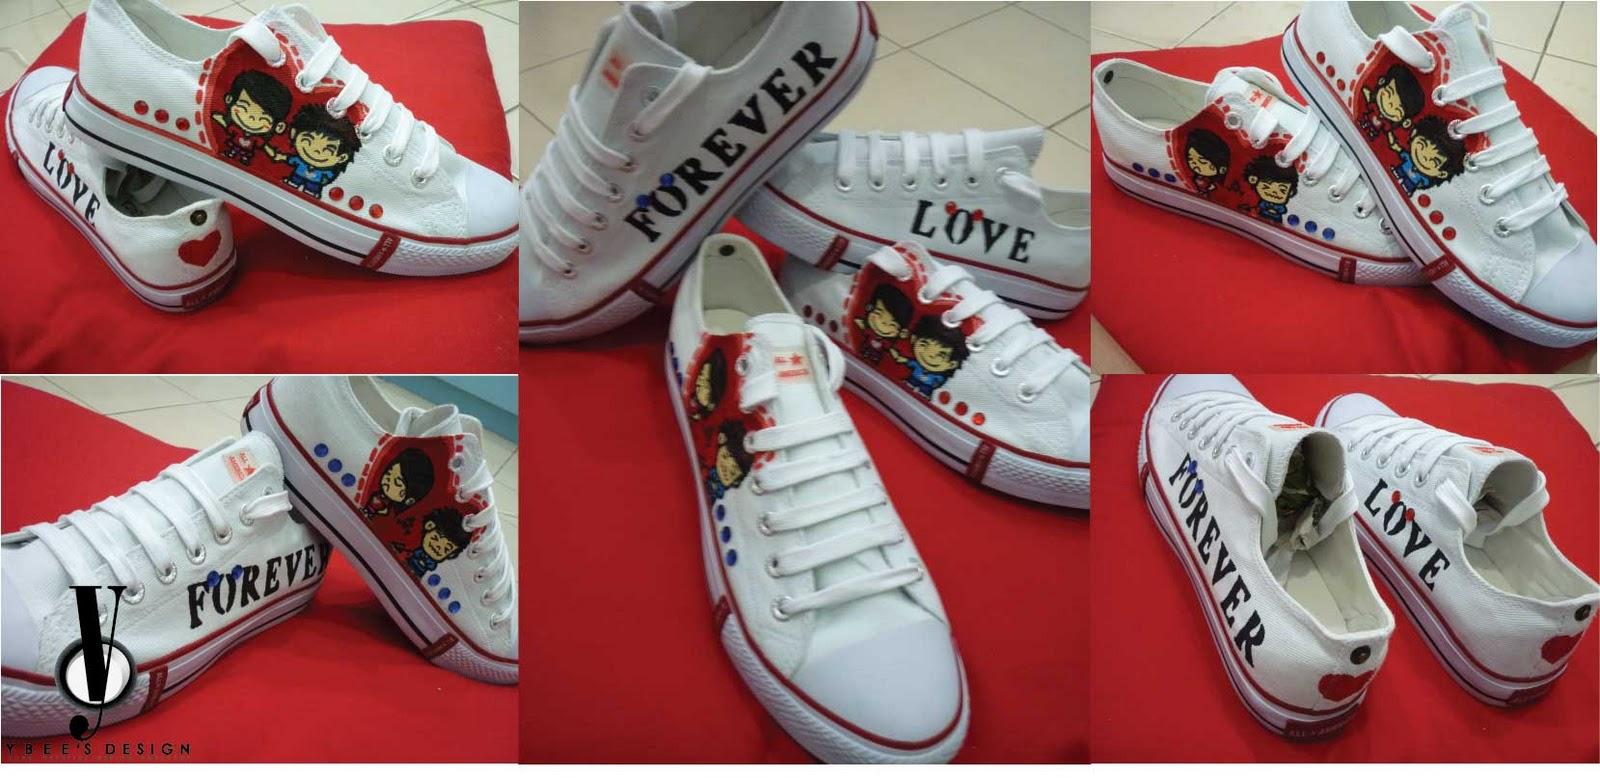 Diy design shoes 28 images something monumental diy for Diy shoes design